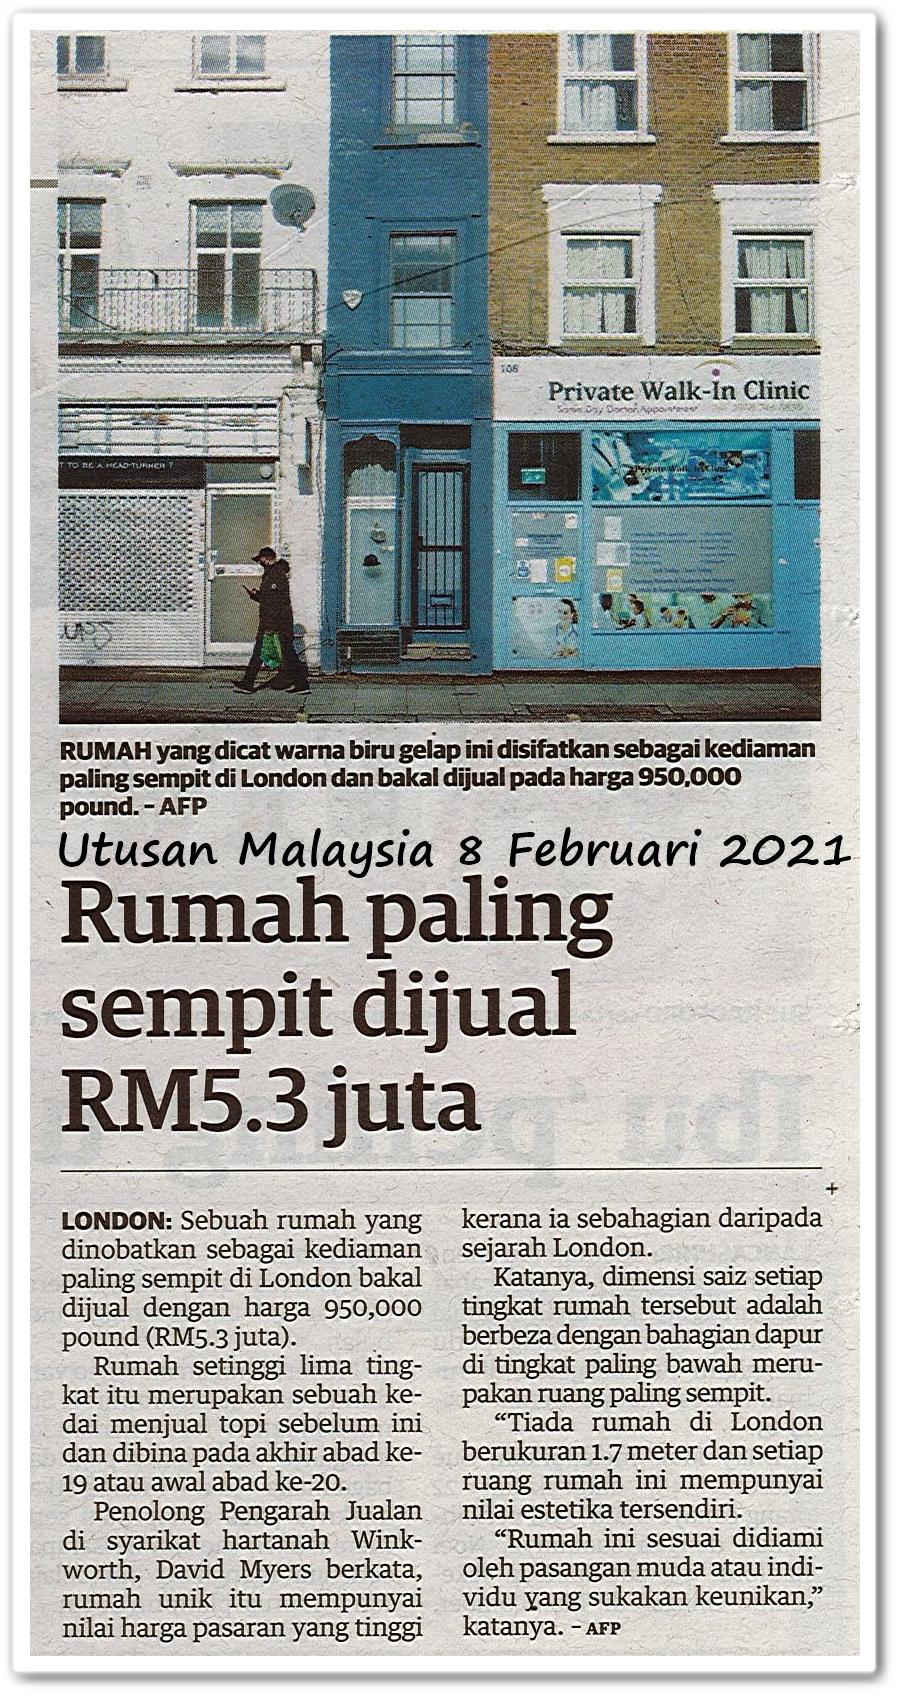 Rumah paling sempit dijual RM5.3 juta - Keratan akhbar Utusan Malaysia 8 Februari 2021